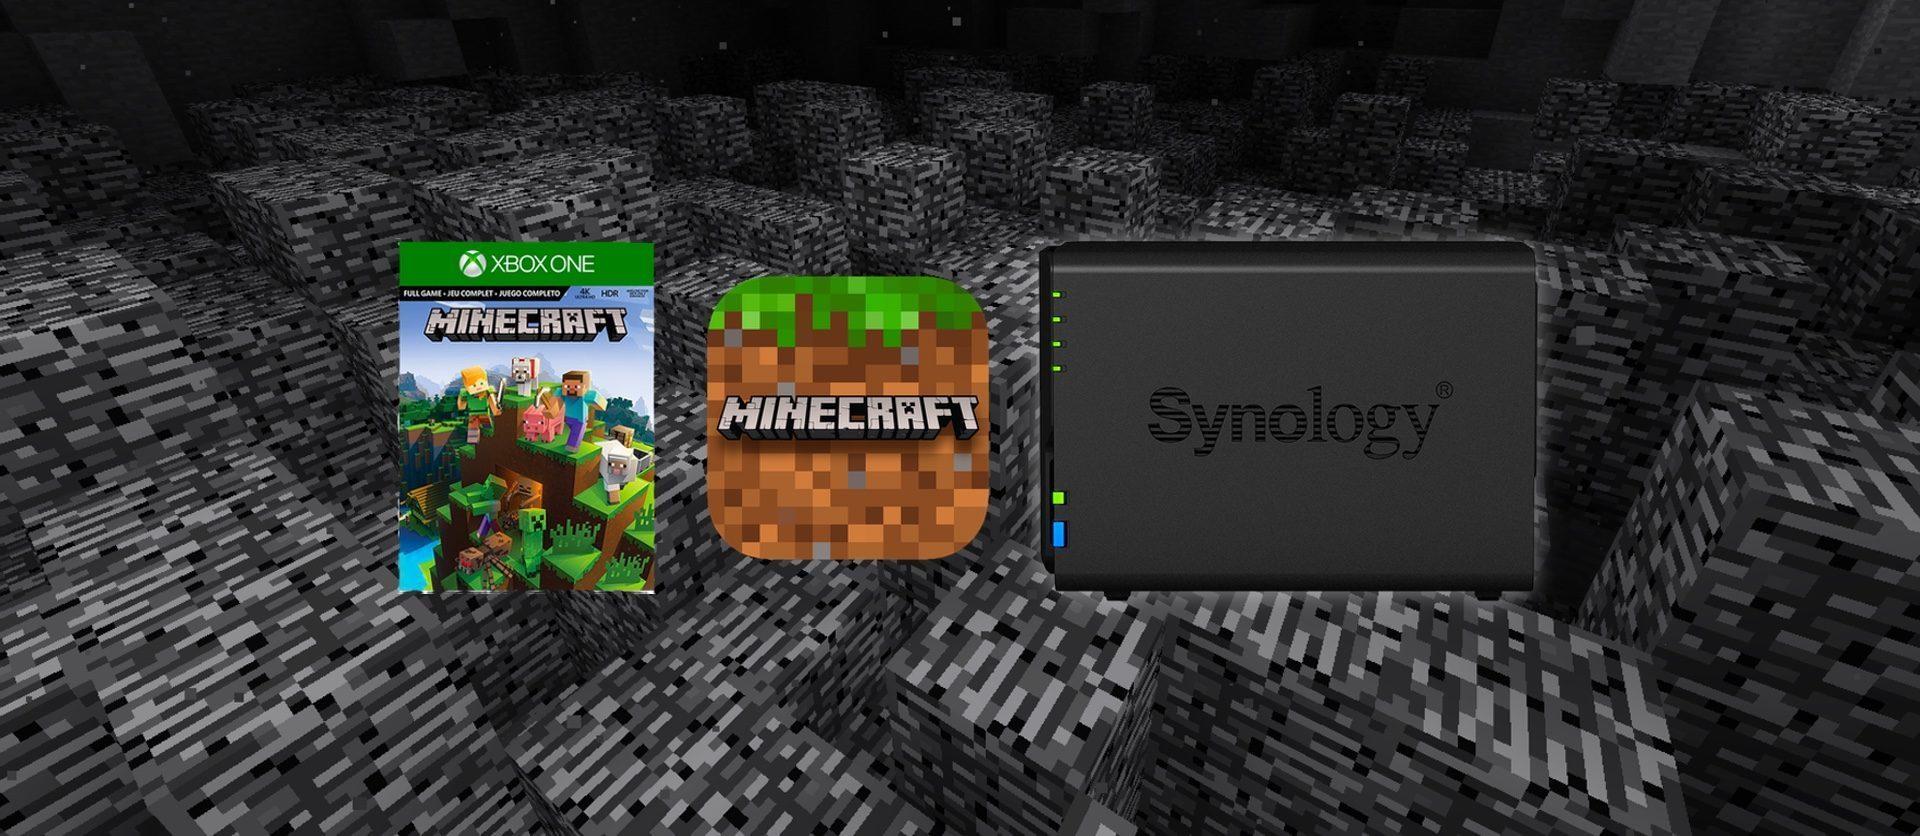 Dedizierter Bedrock Server auf einem Synology NAS